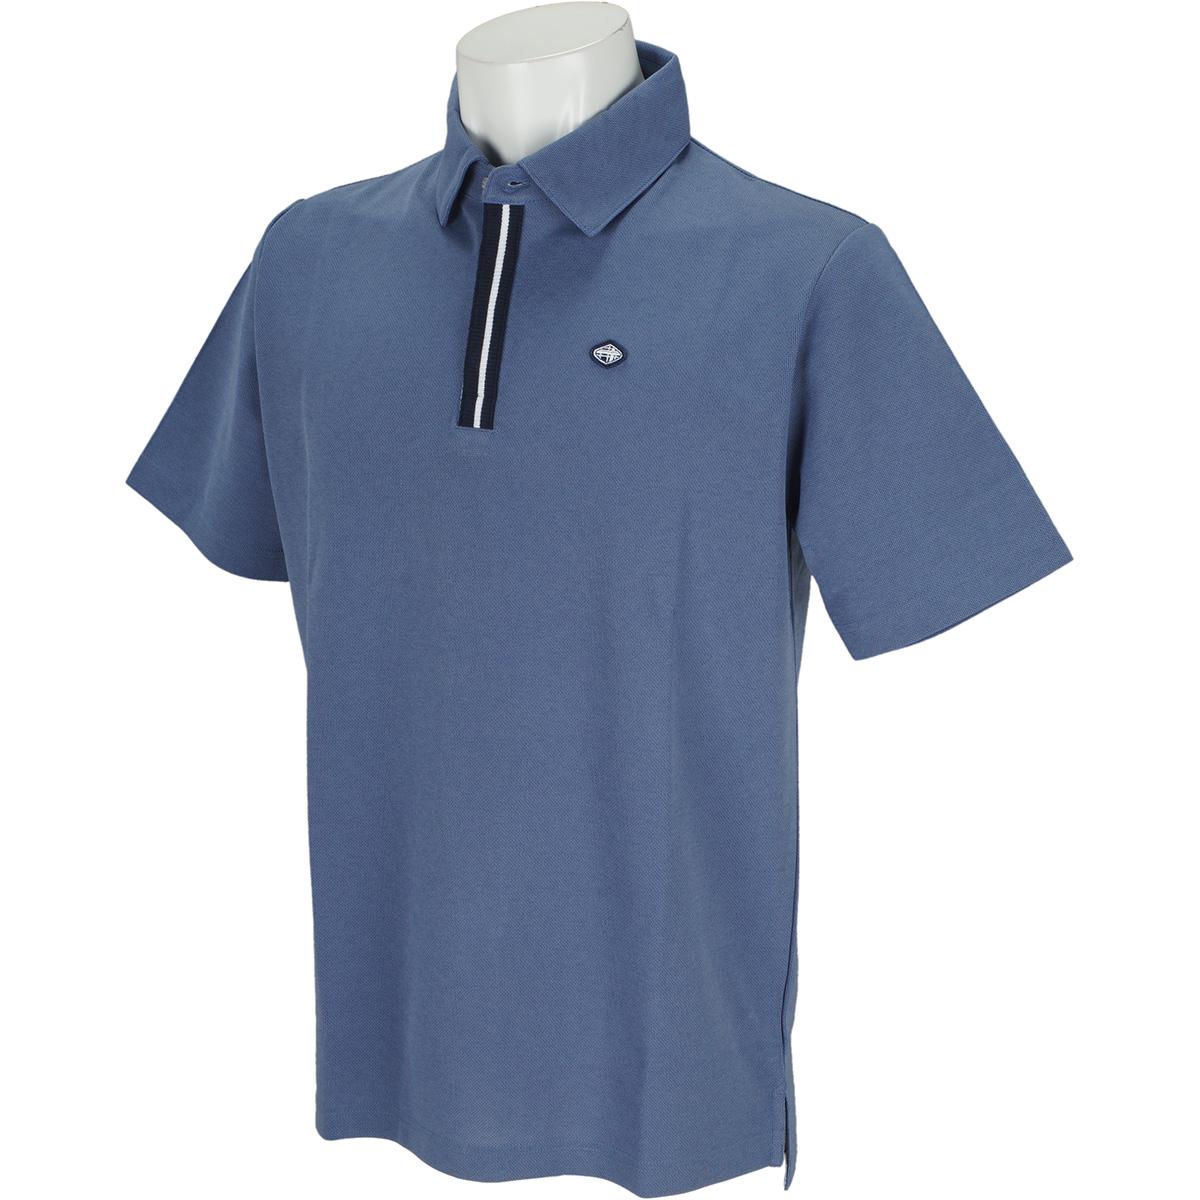 ラインリブ 半袖ポロシャツ